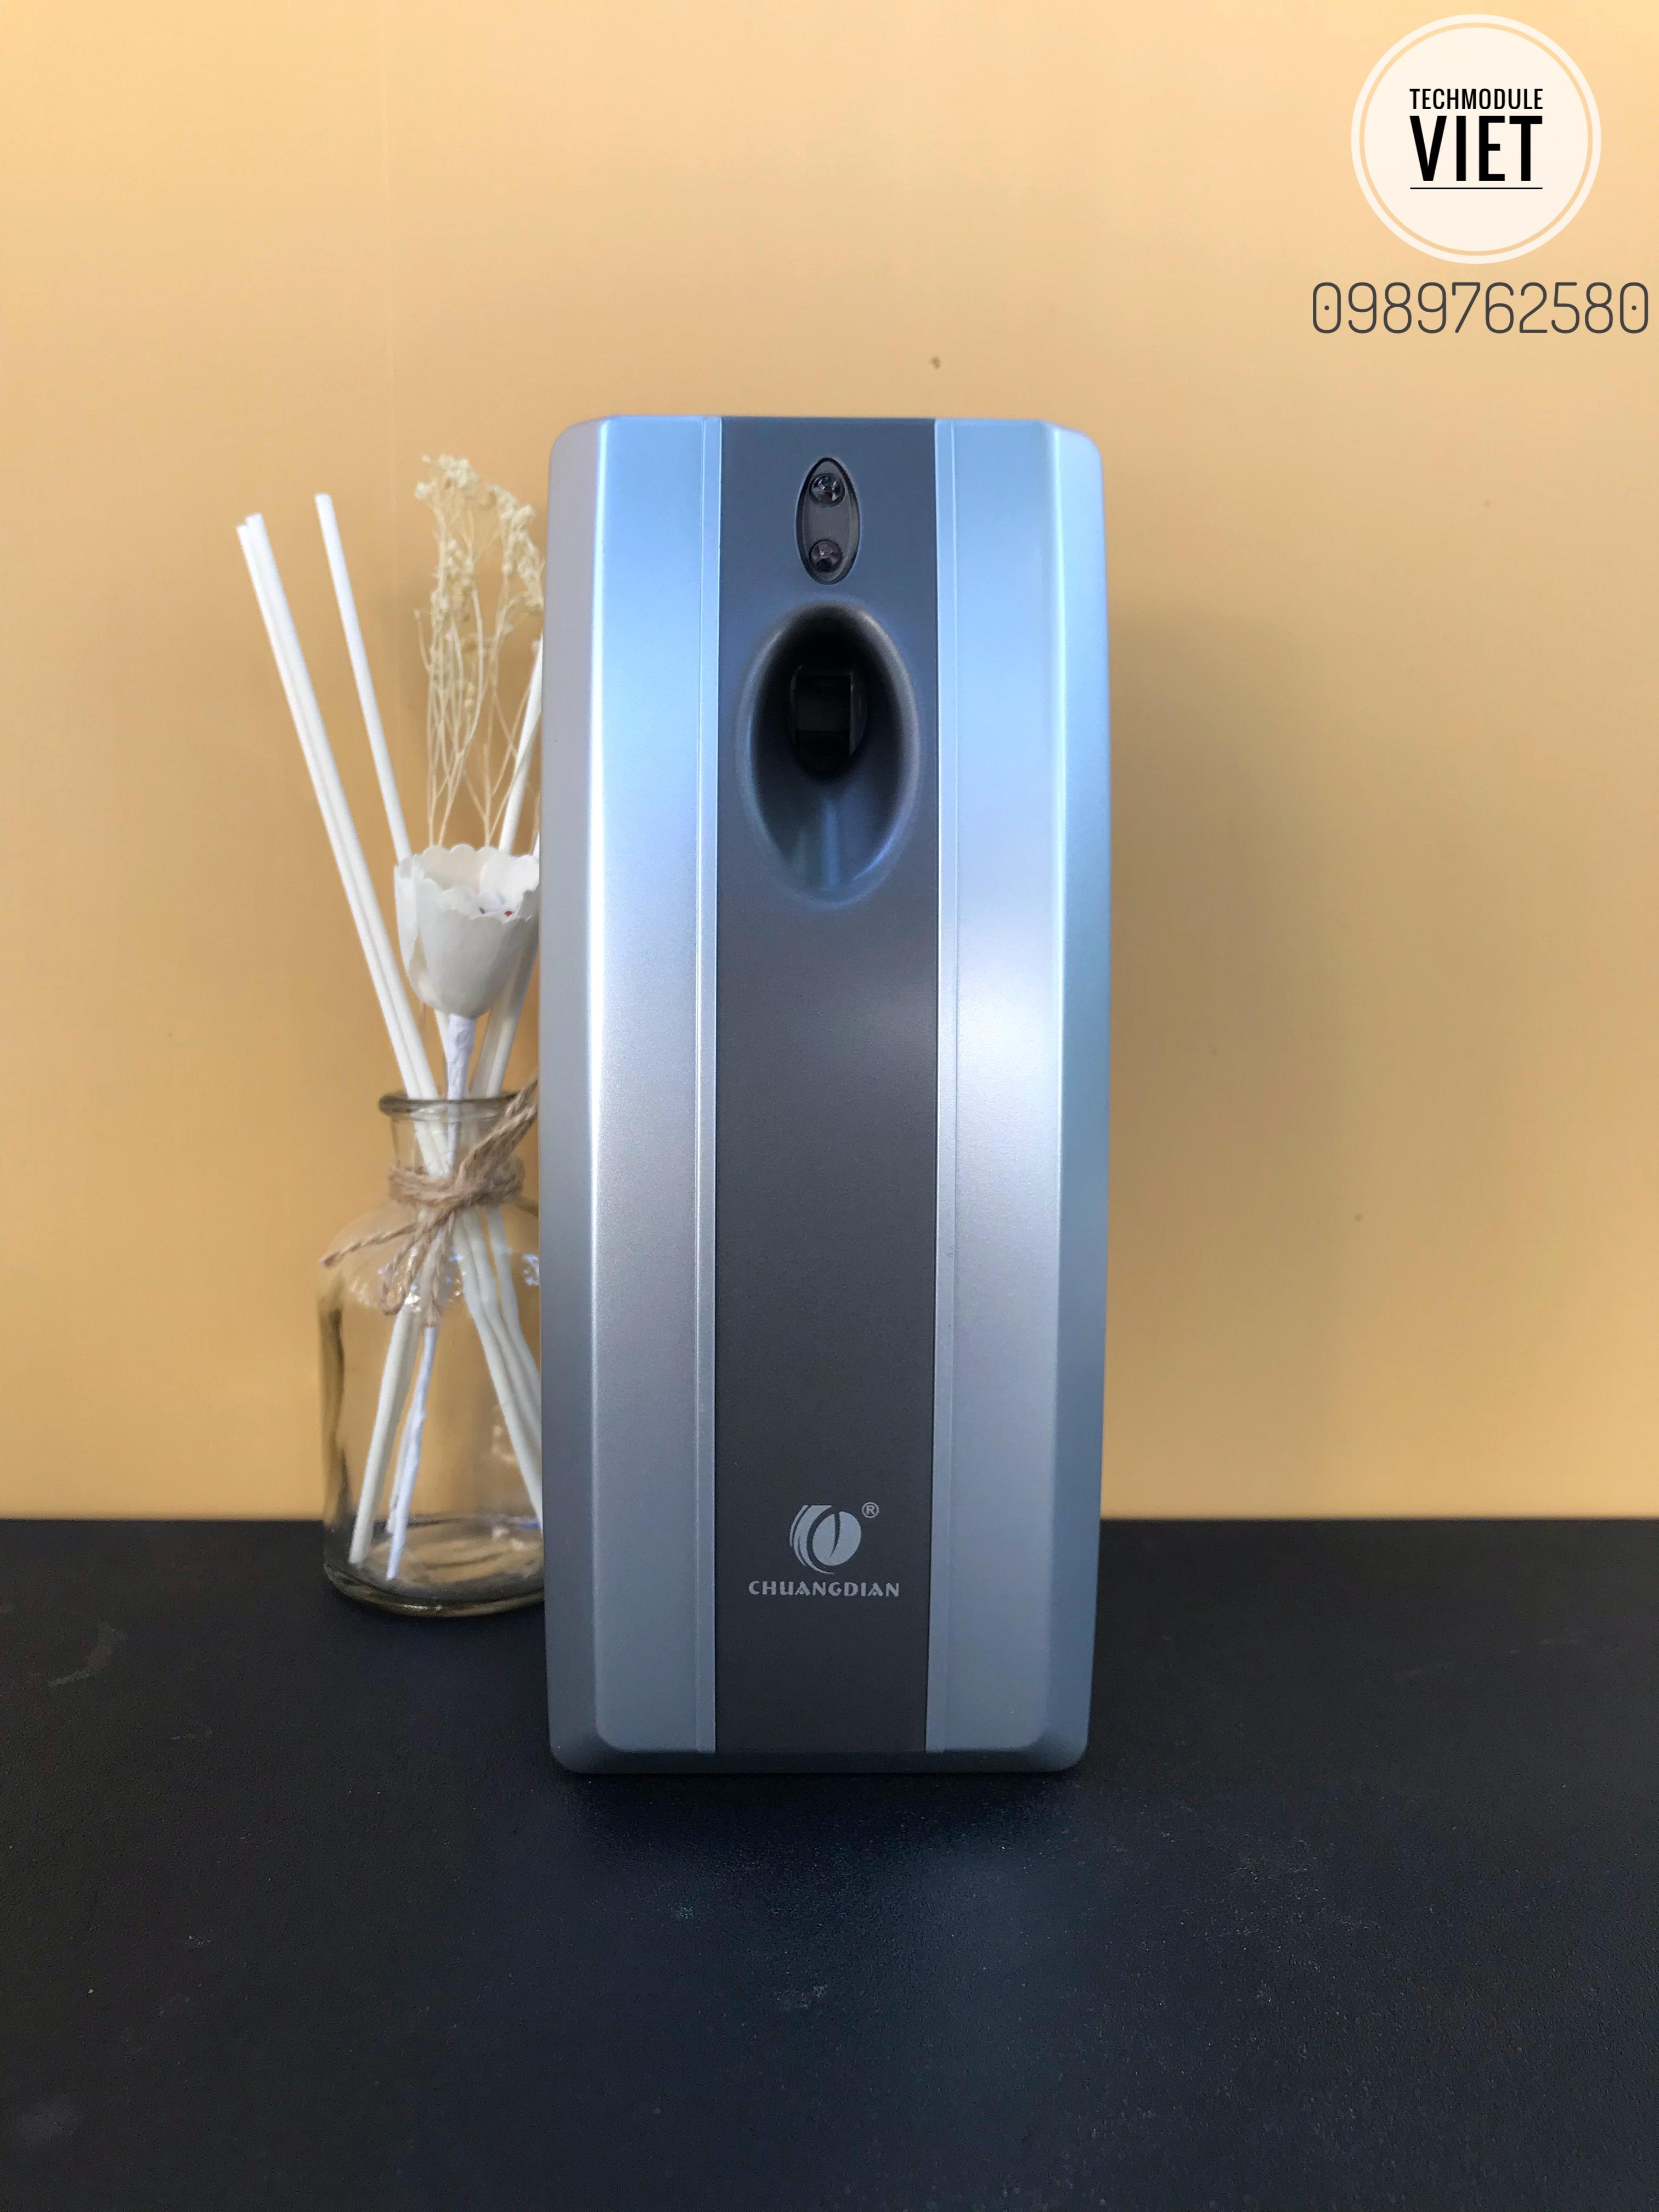 Máy xịt thơm phòng tự động hãng Chuangdian model TMCD-6100C